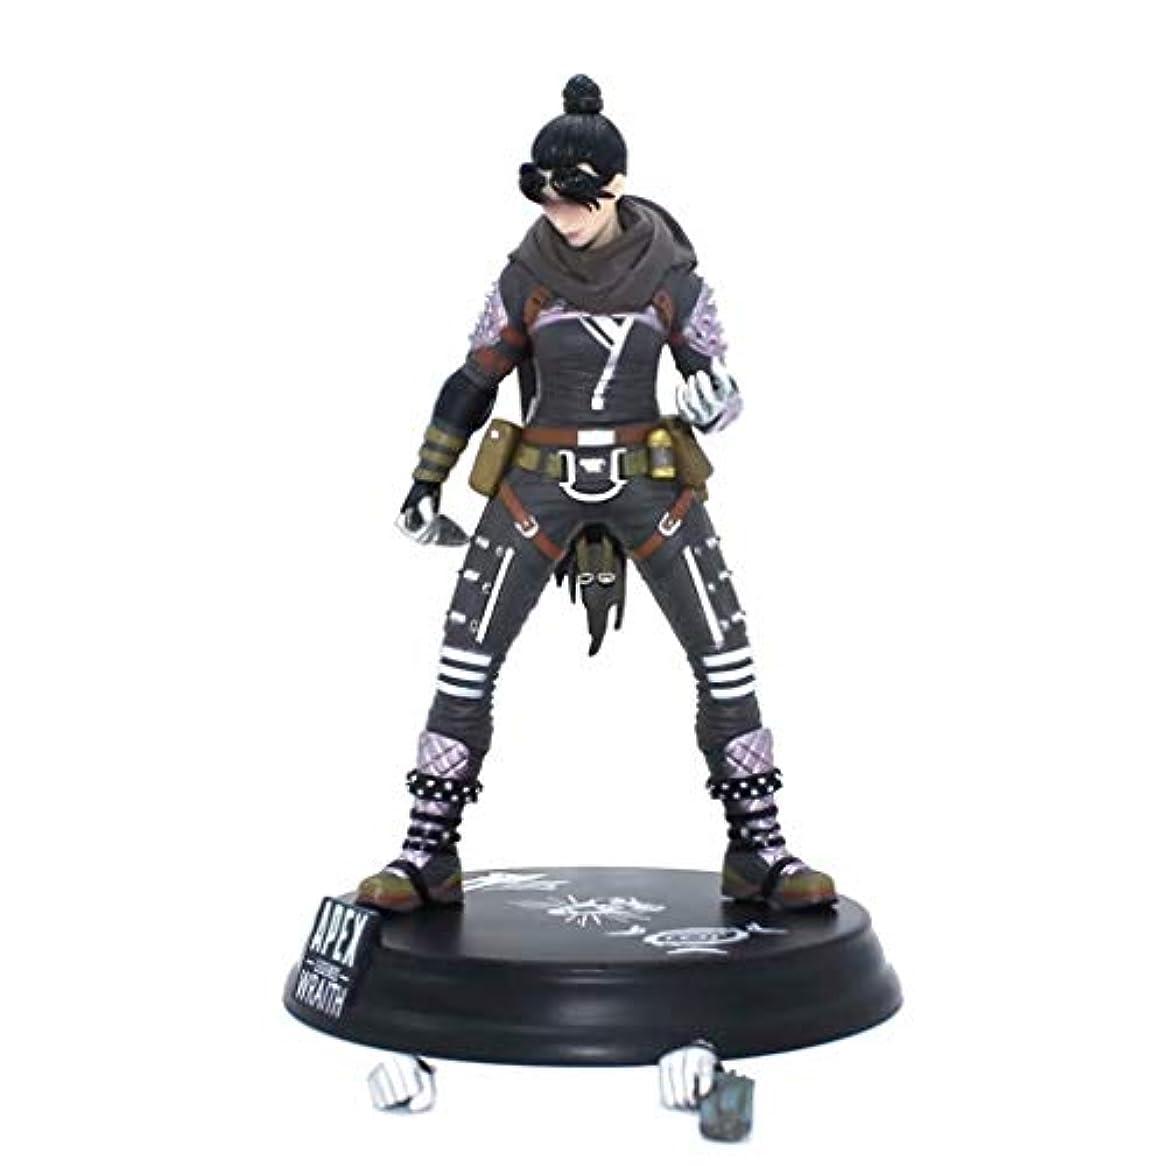 店員直接ゲートゲームモデル、PVC製子供のおもちゃコレクションの像、デスクトップの装飾的なおもちゃ像のおもちゃのモデル、APEXのヒーロー(24cm) SHWSM